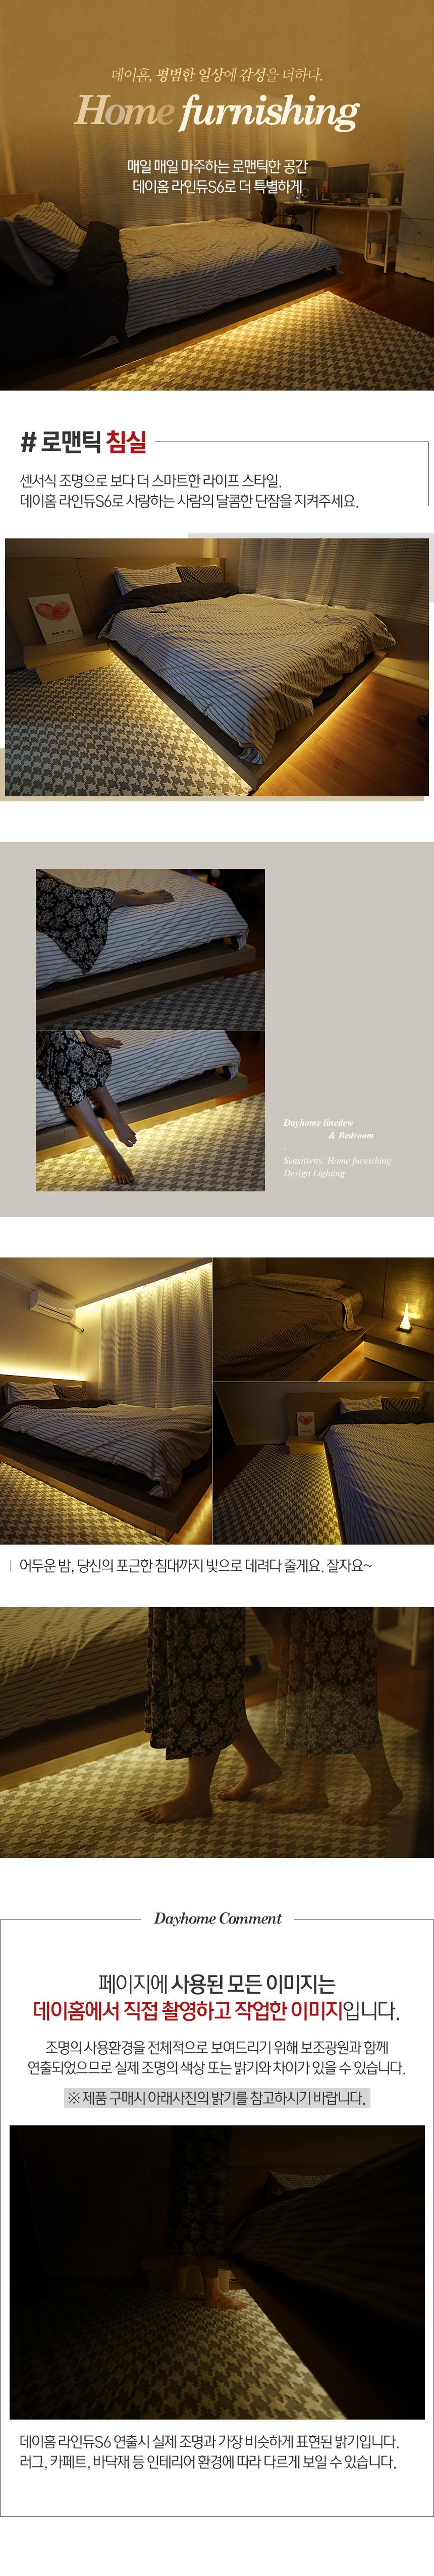 LED 침대하부 프레임용 센서조명 데이홈 라인듀 S6 - 데이홈, 34,700원, 리빙조명, 방등/천장등